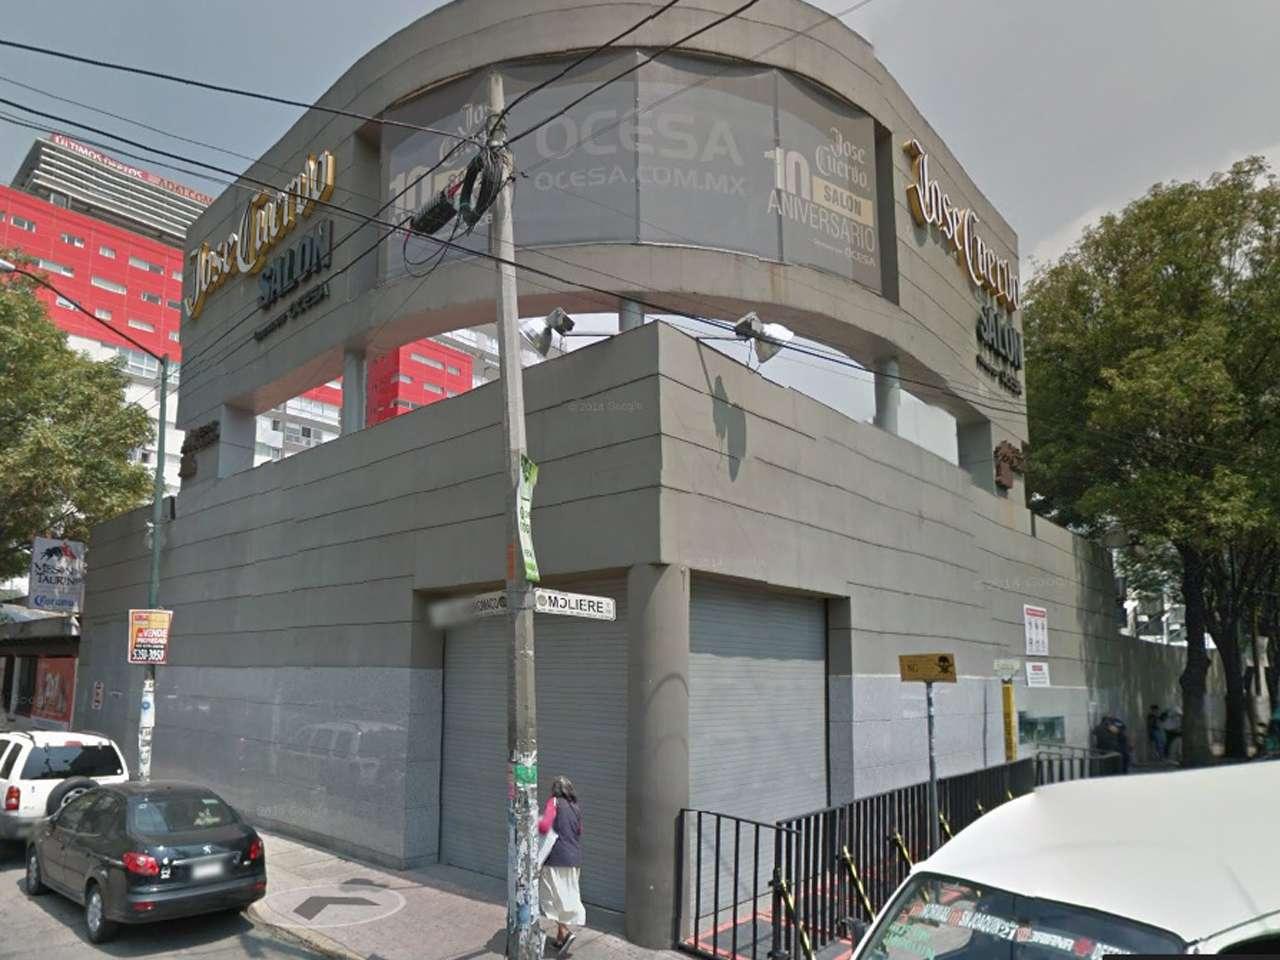 El local se sitúa en la calle Lago Andrómaco, 17 esquina con Moliére, Foto: Imagen tomada de Google Maps